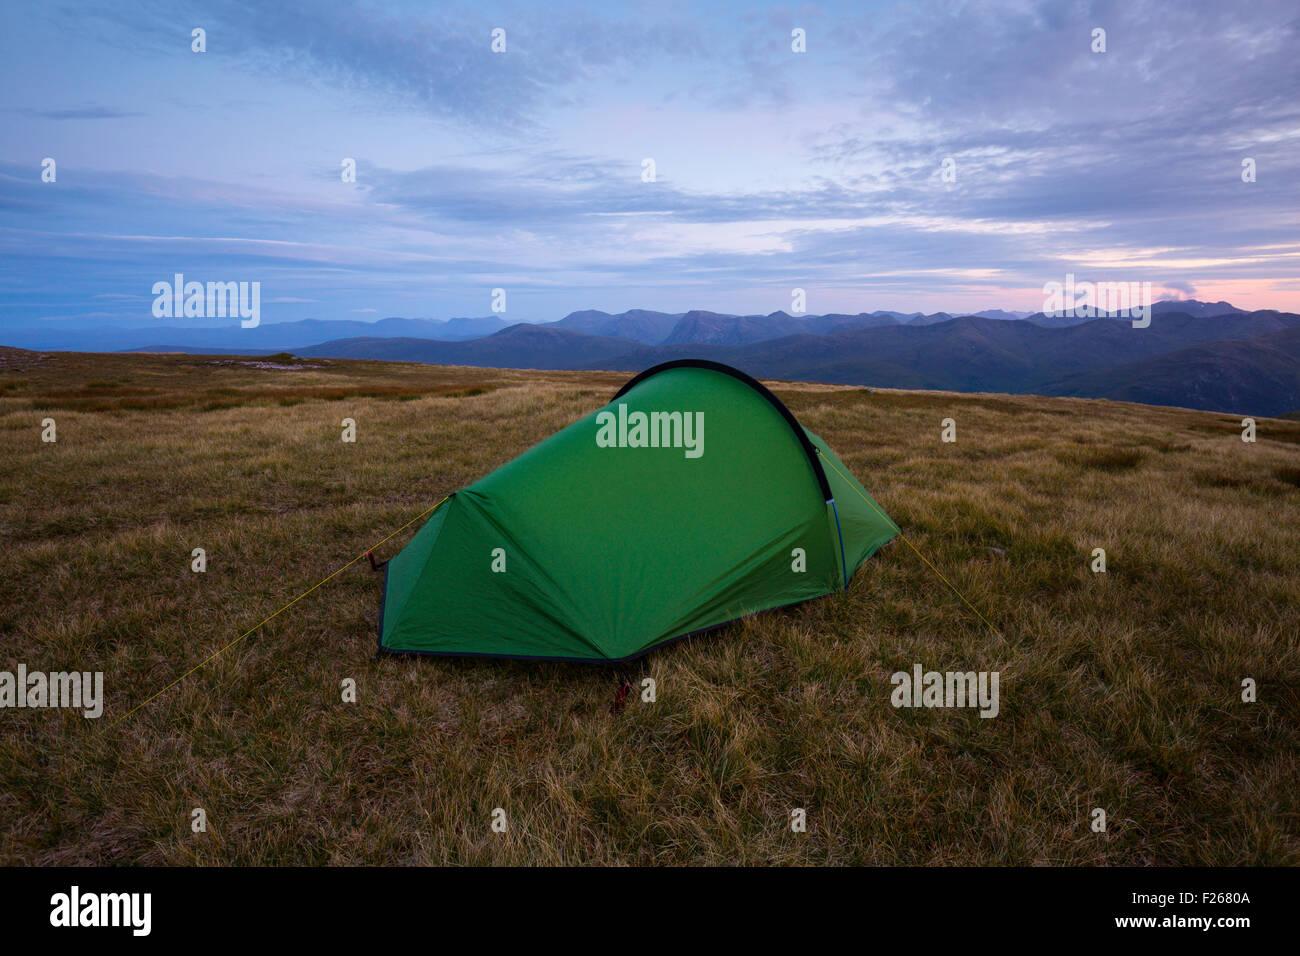 Una tenda si accamparono nel Mamores, Scozia, con i massicci montuosi di Glen Coe in background Immagini Stock